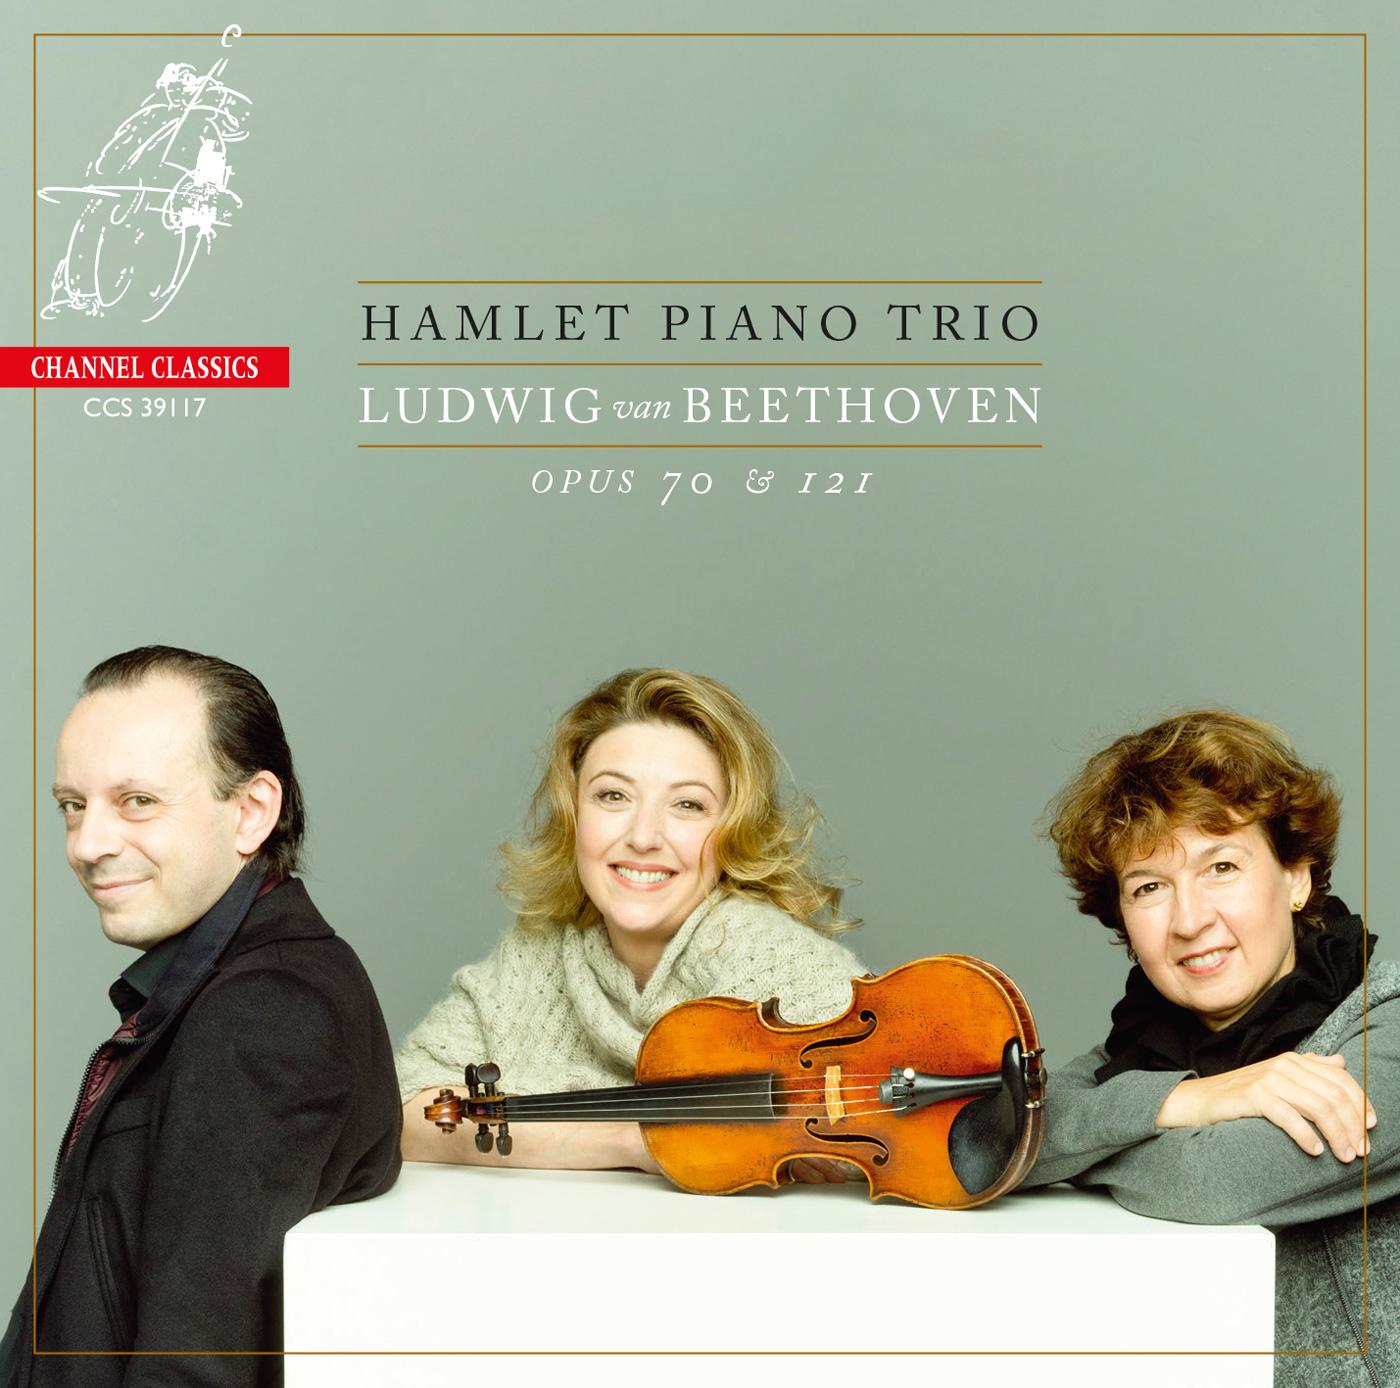 Hamlet Piano Trio <br>Ludwig van Beethoven Opus 70 & 121